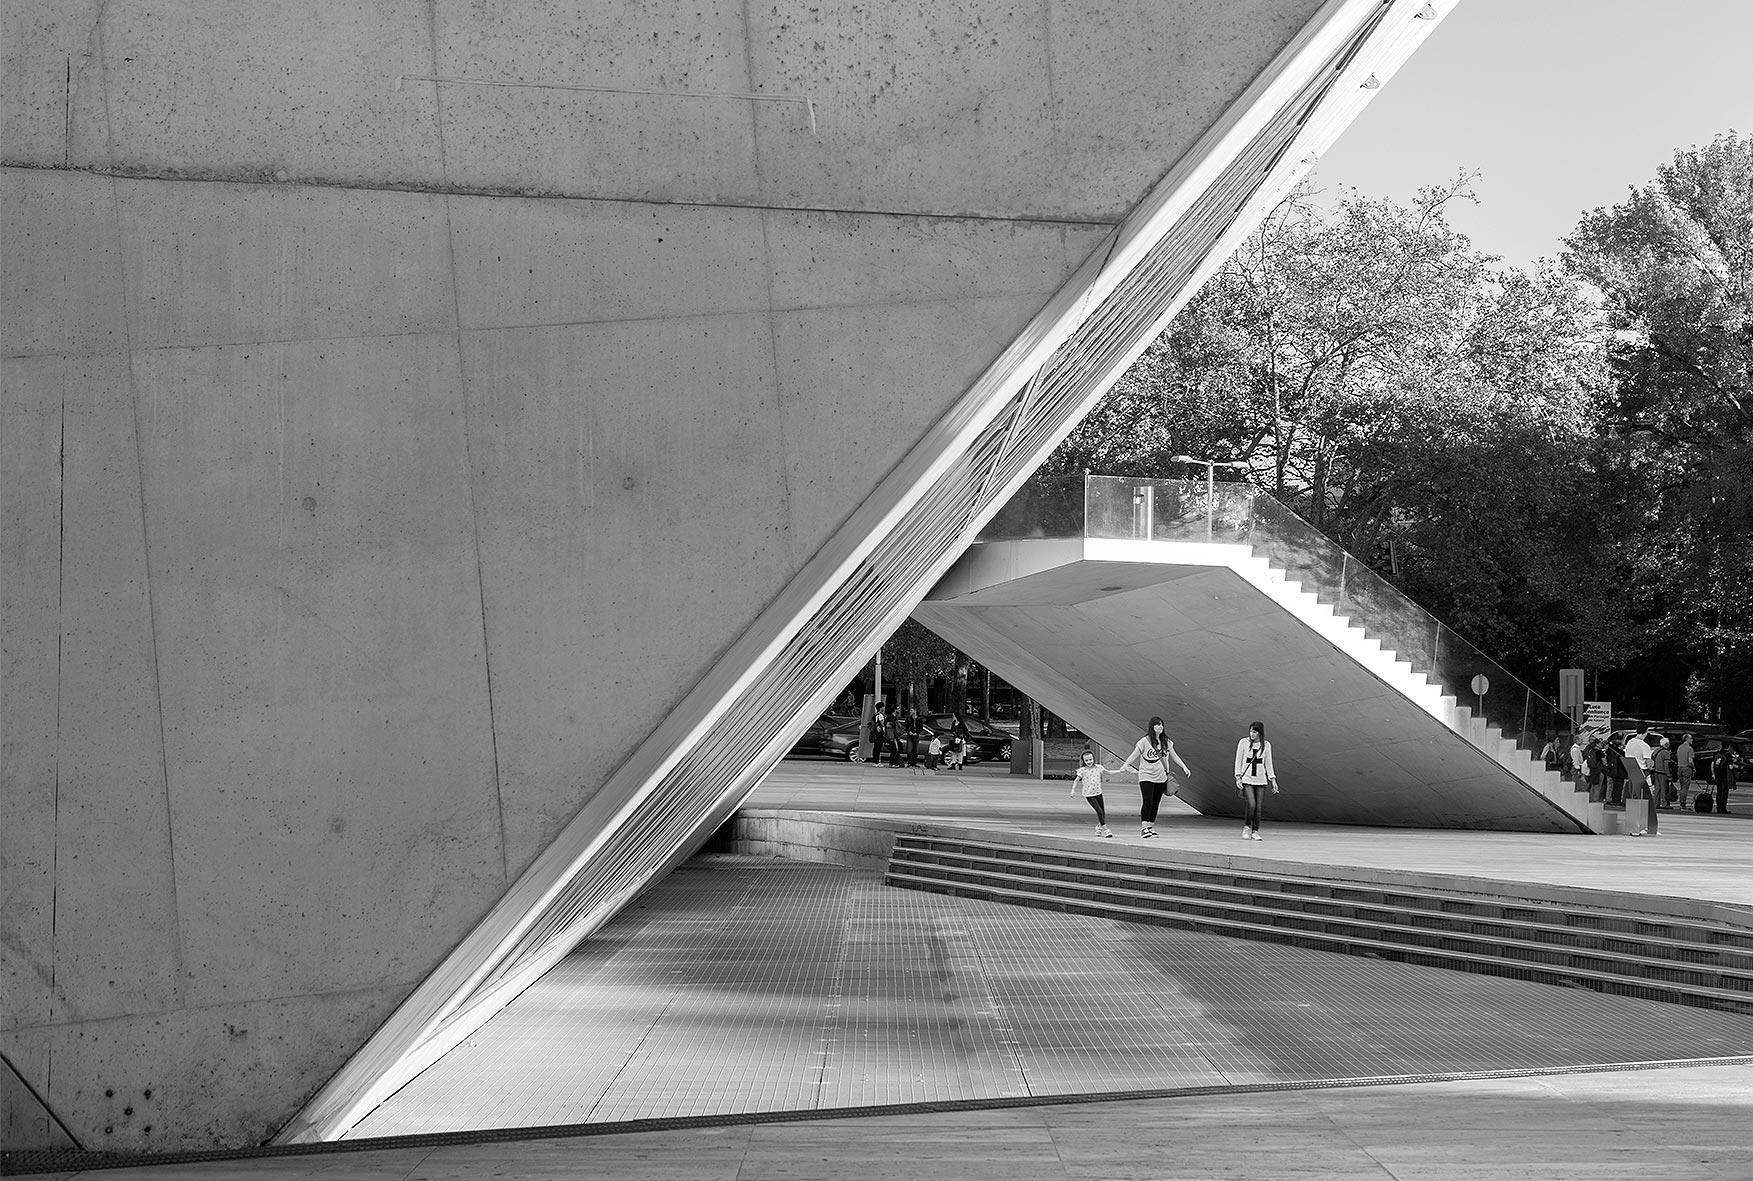 Casa da Musica, Porto Portugal, Rem Koolhaas, 1999